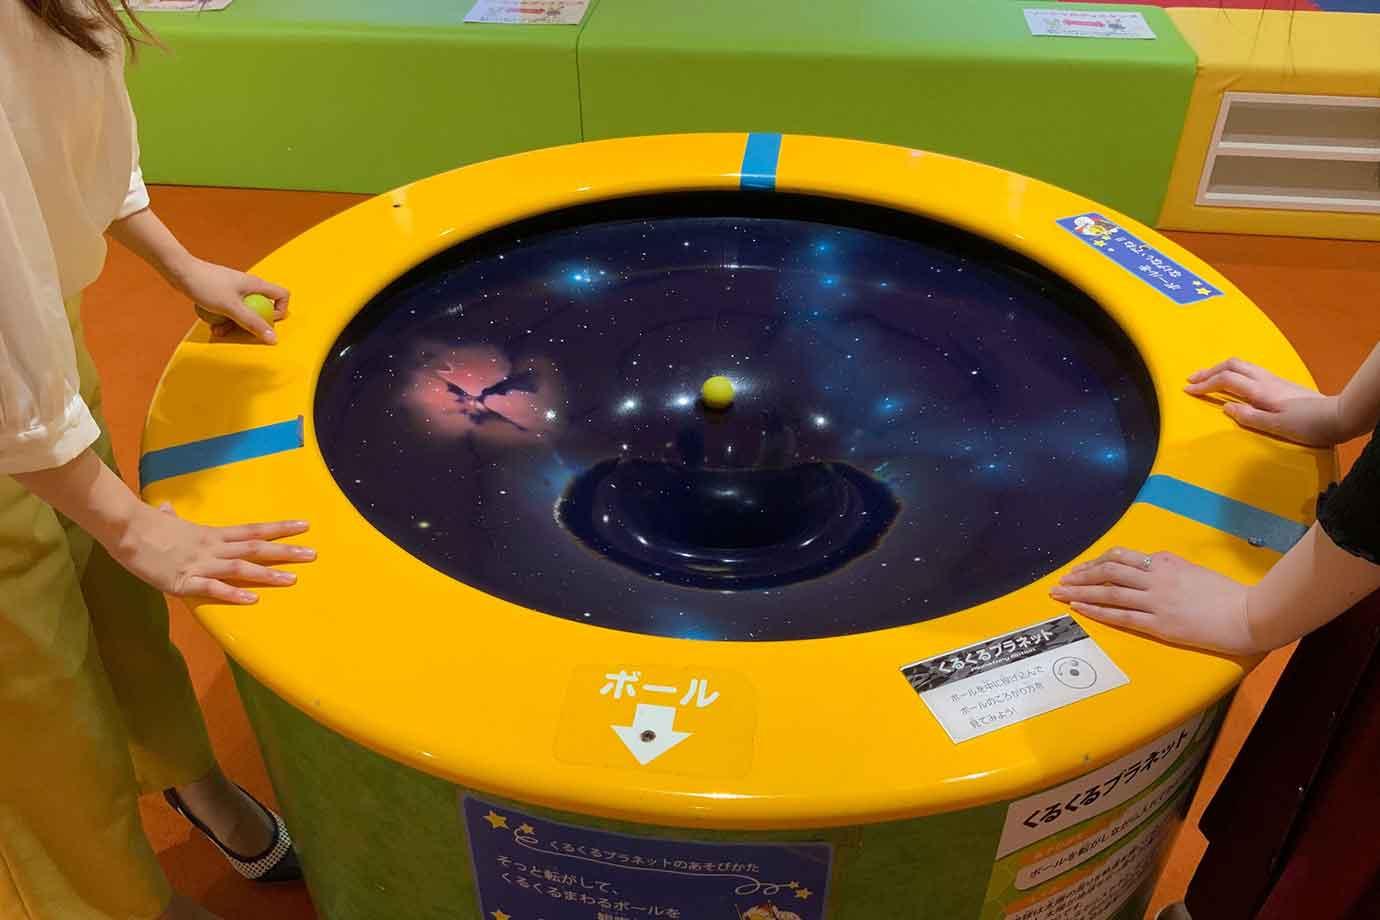 くるくるプラネットは中央が凹んだ卓にボールを転がし入れると、大きく楕円を描きながら穴へと落ちていきます